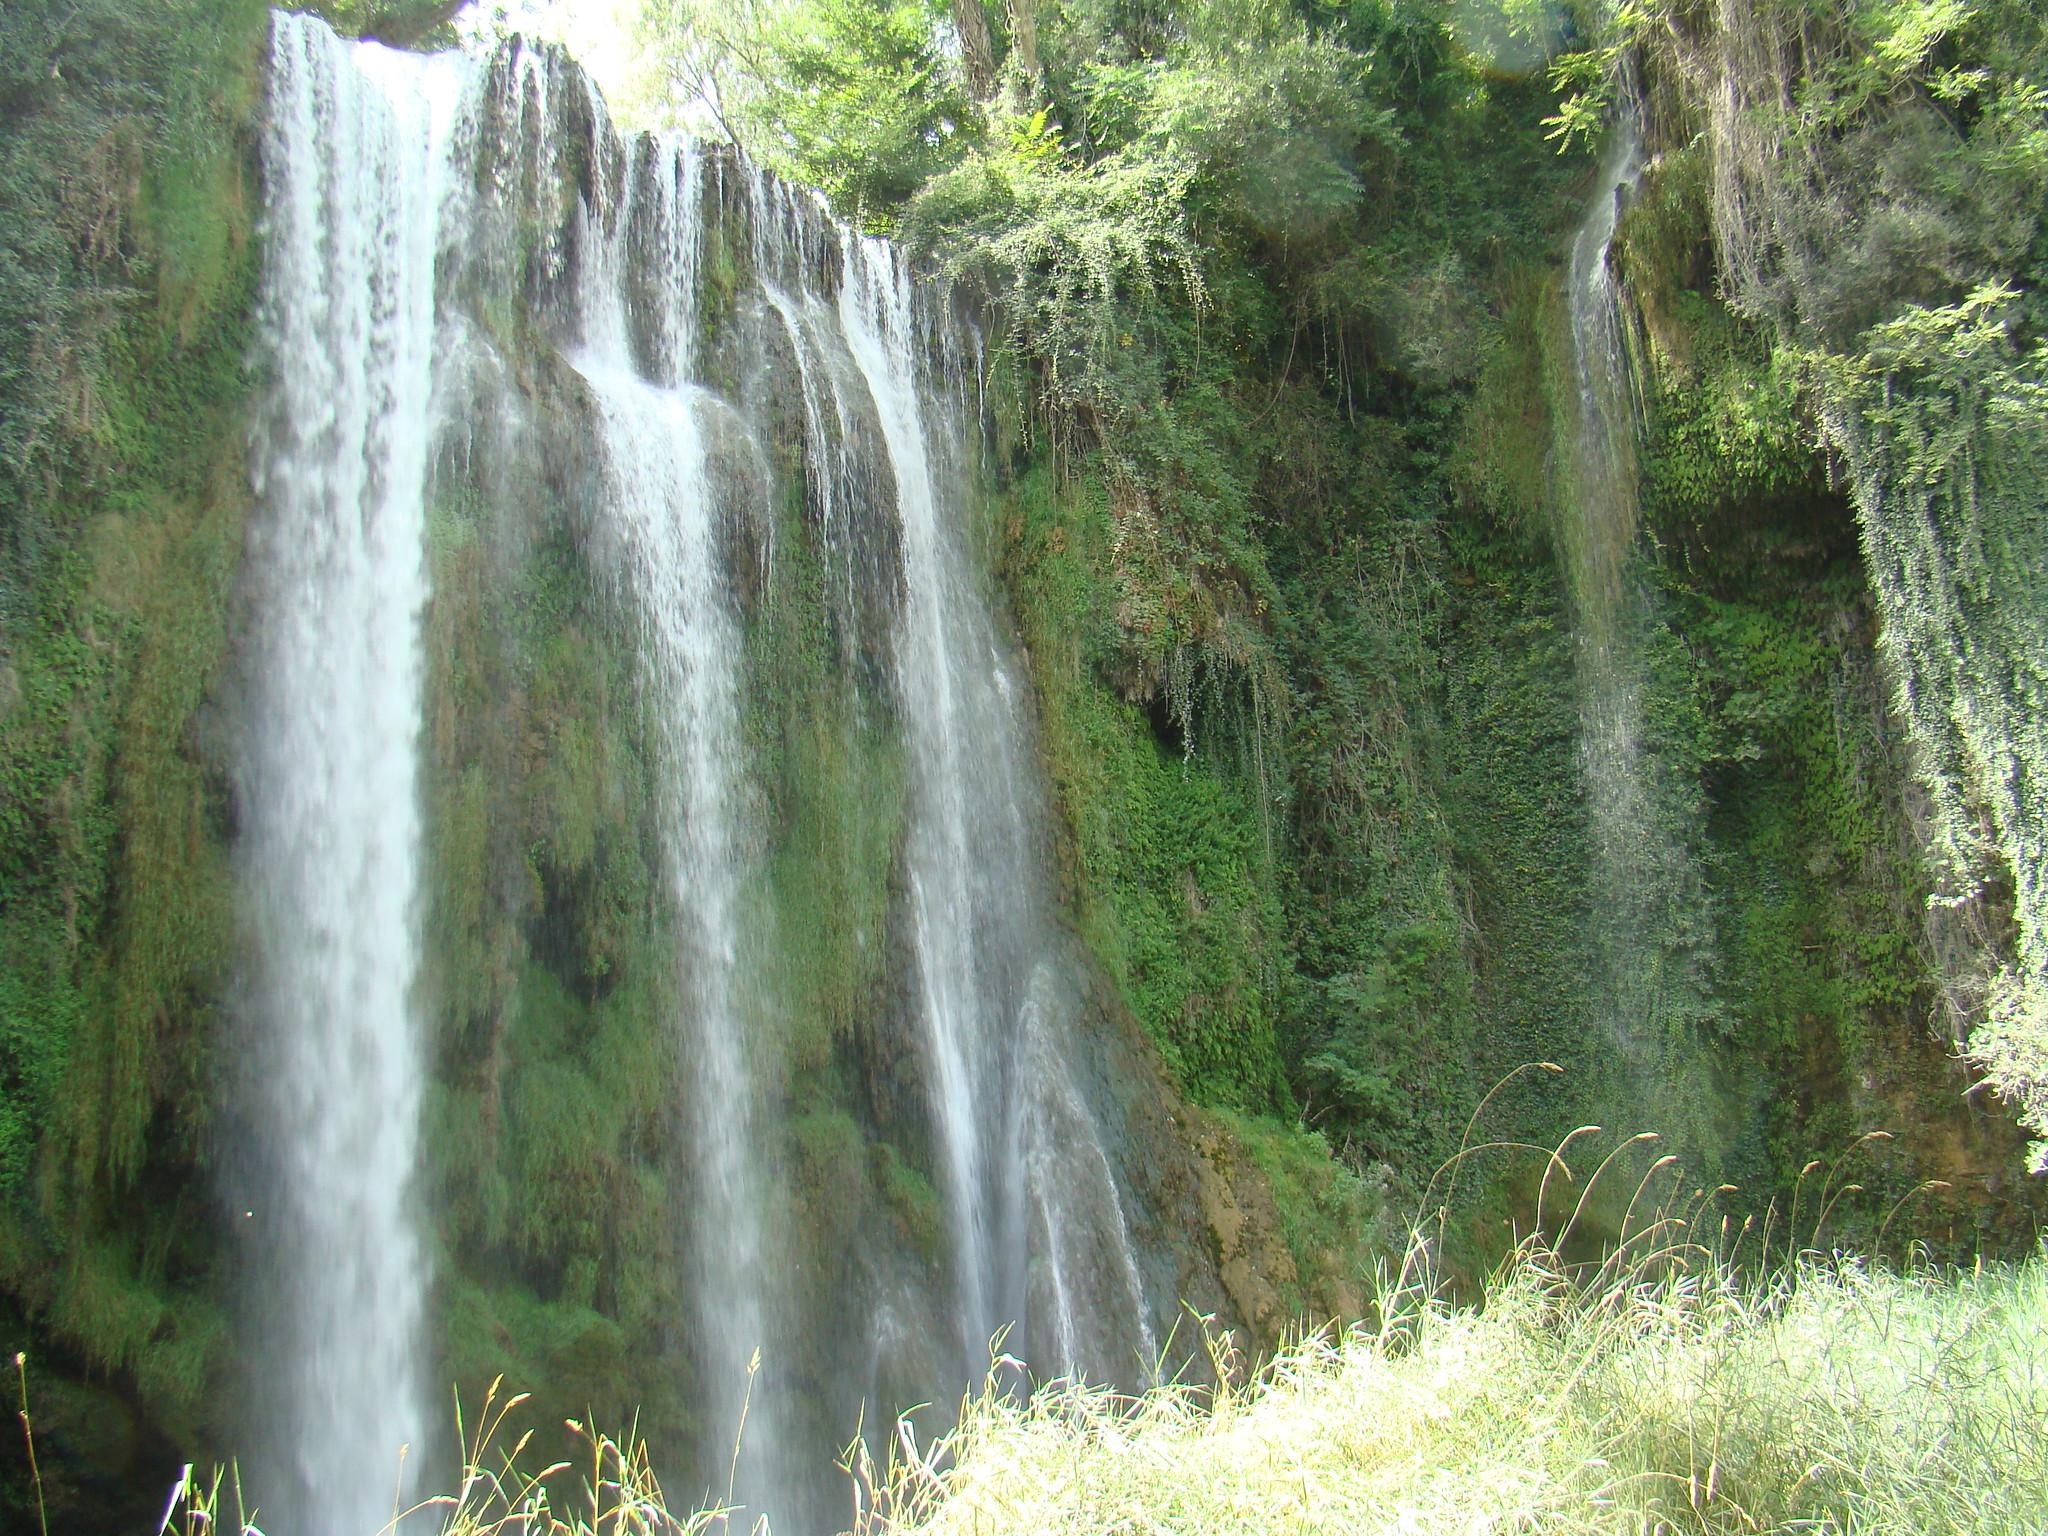 Cascada La Caprichosa Parque del Monasterio de Piedra Nuevalos Zaragoza